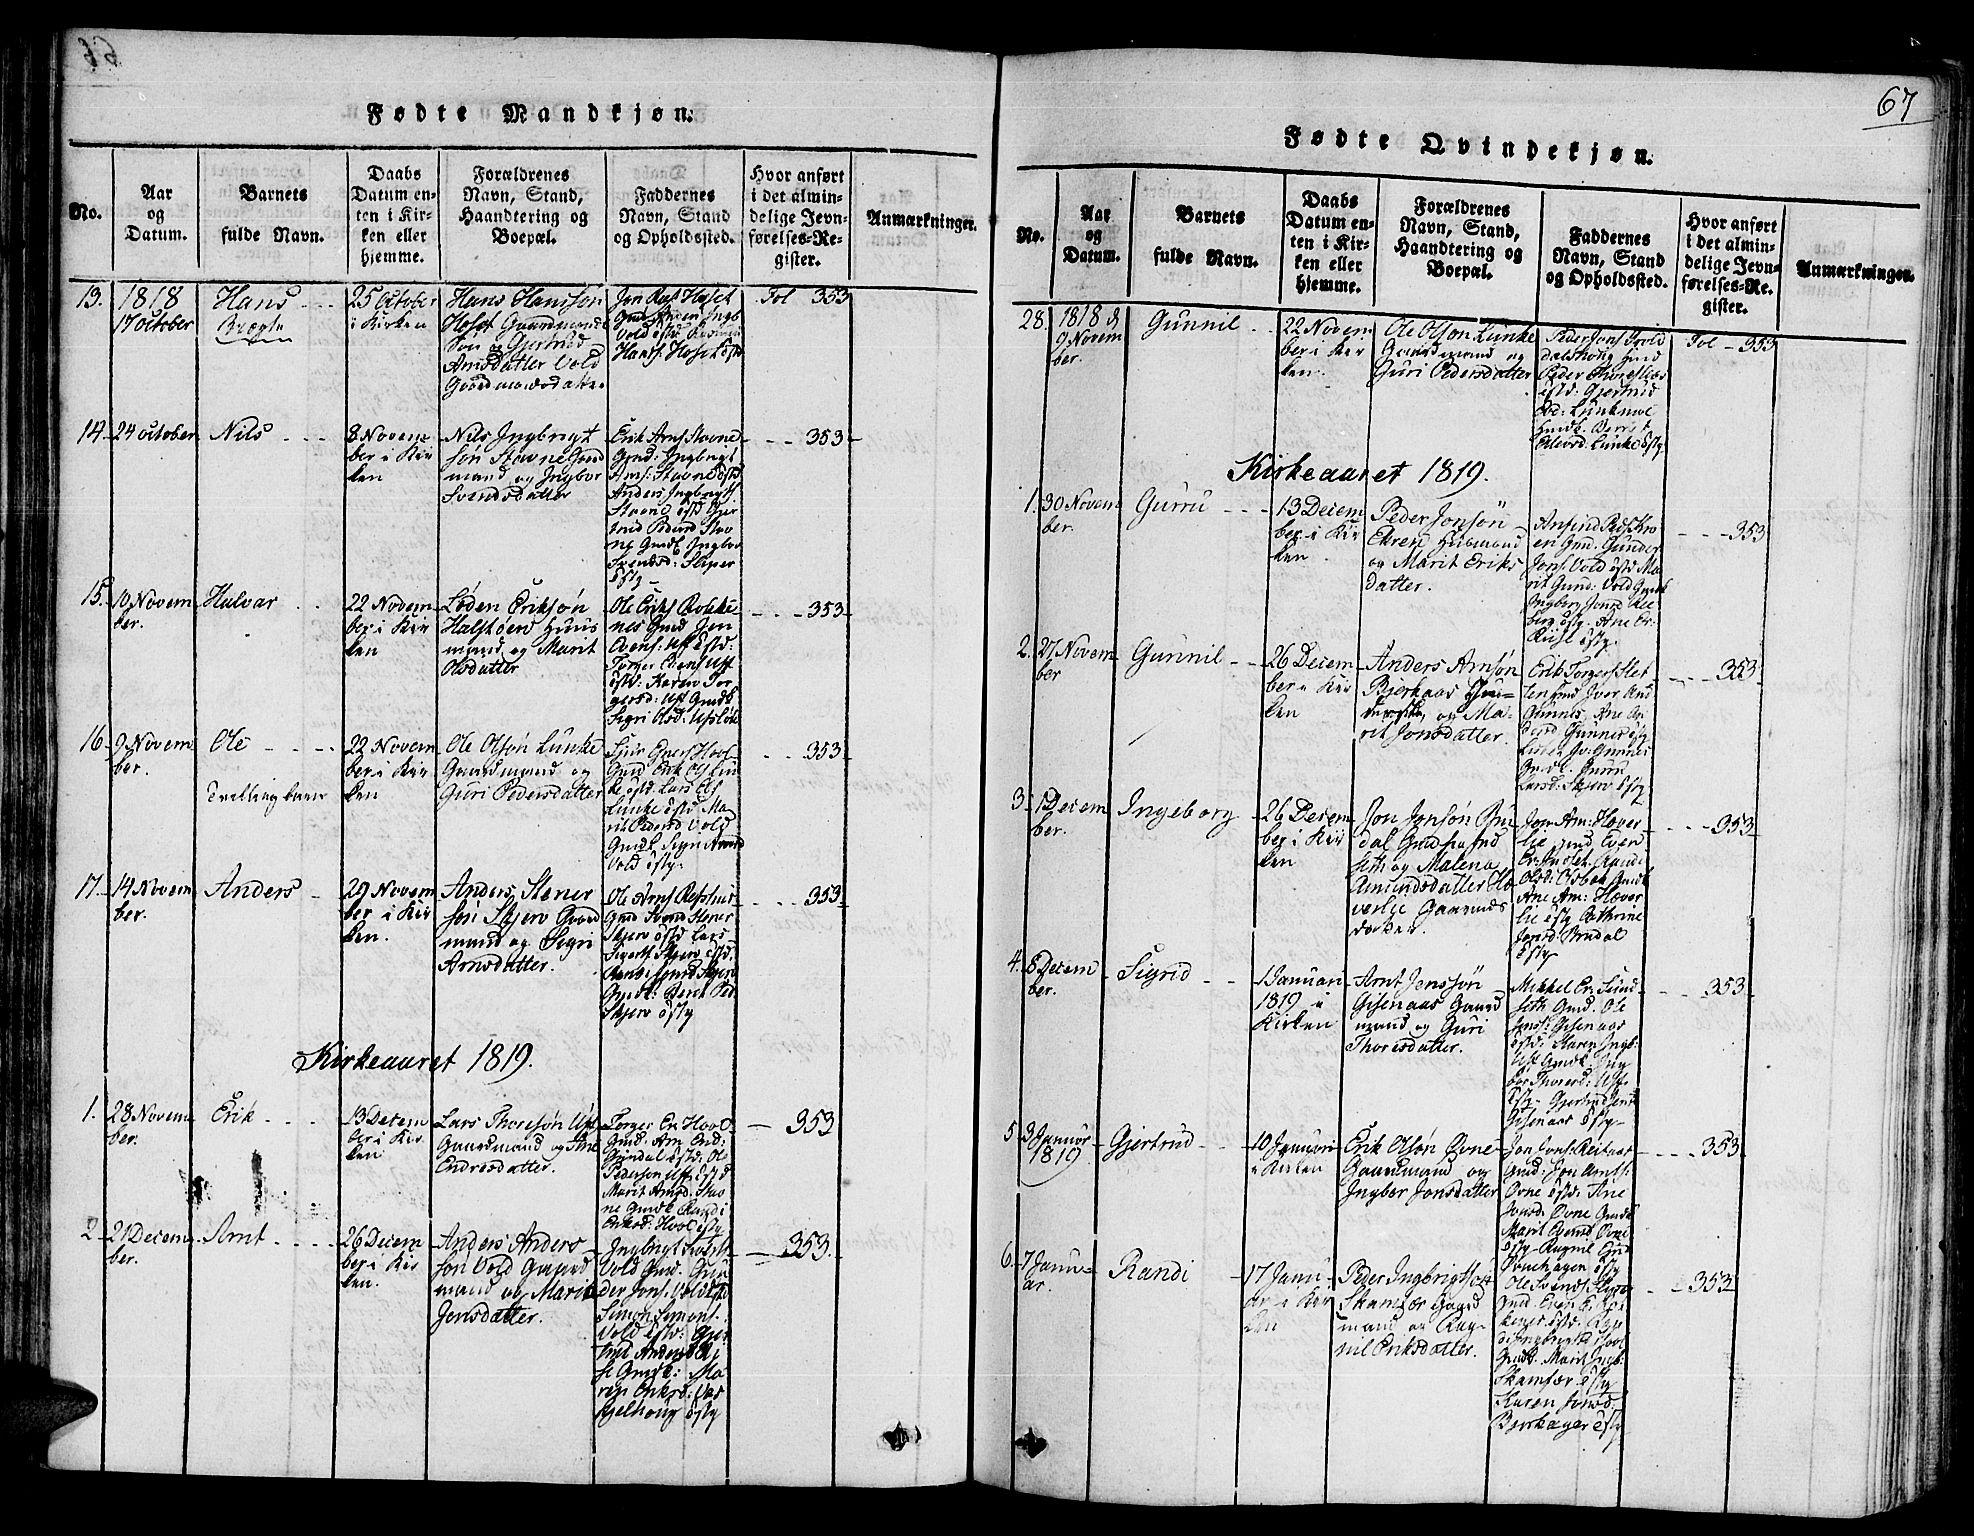 SAT, Ministerialprotokoller, klokkerbøker og fødselsregistre - Sør-Trøndelag, 672/L0854: Ministerialbok nr. 672A06 /2, 1816-1829, s. 67